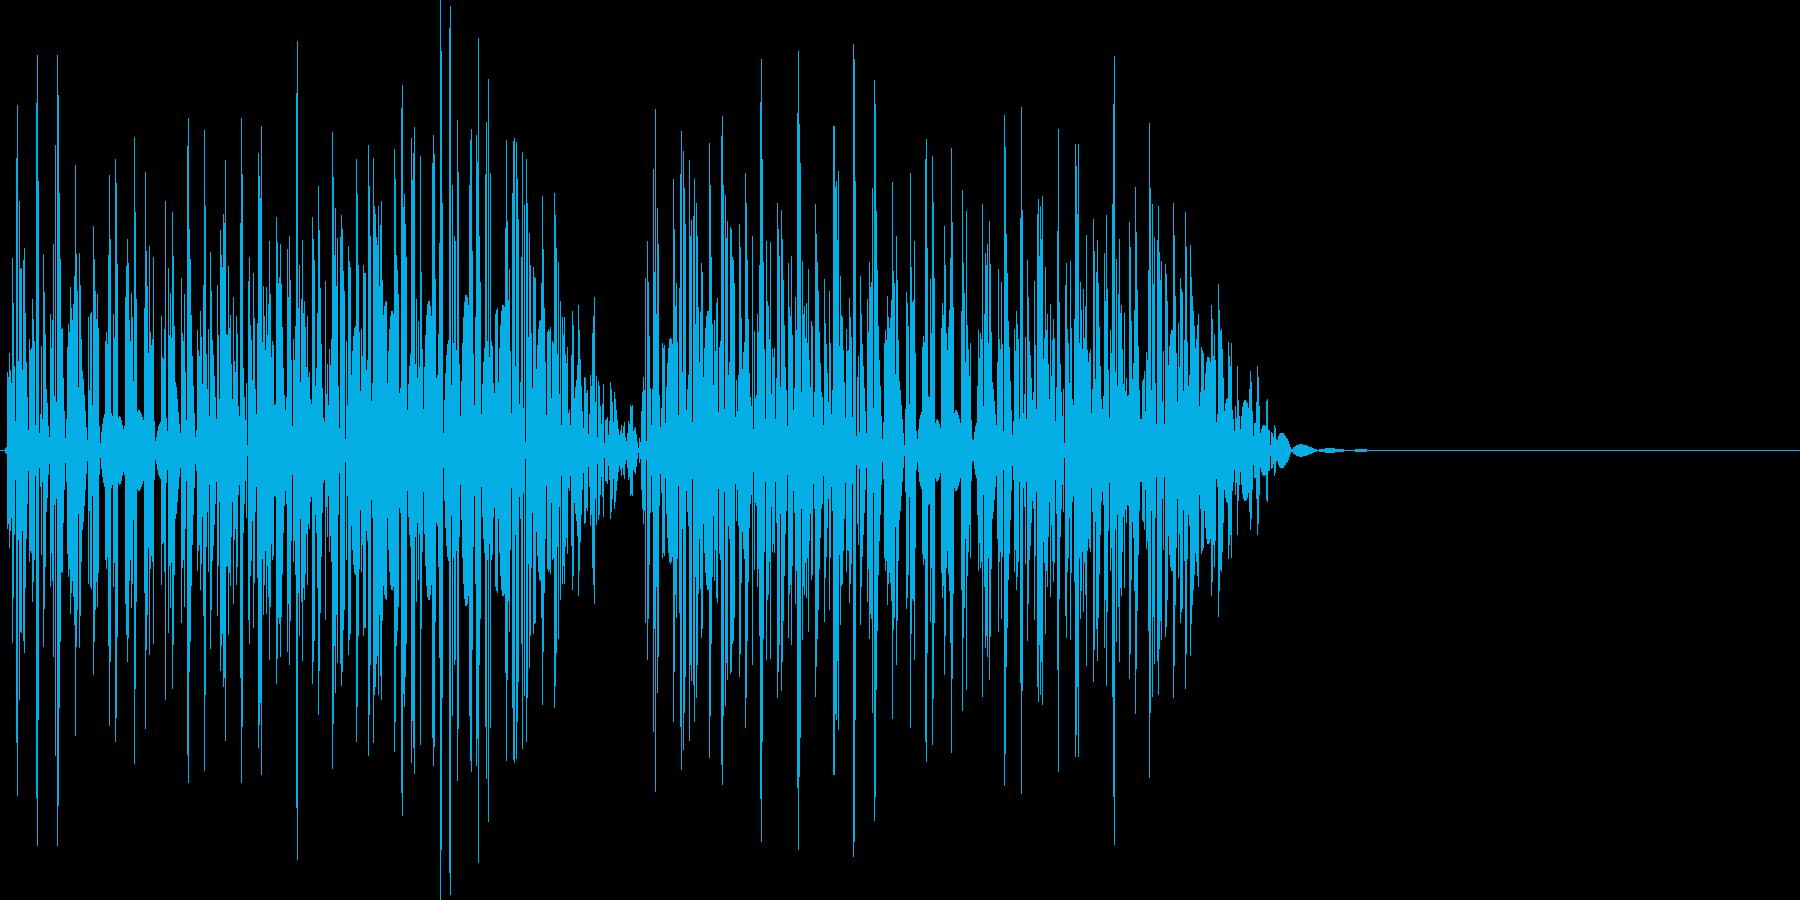 クイズ不正解(ブブッ)の再生済みの波形